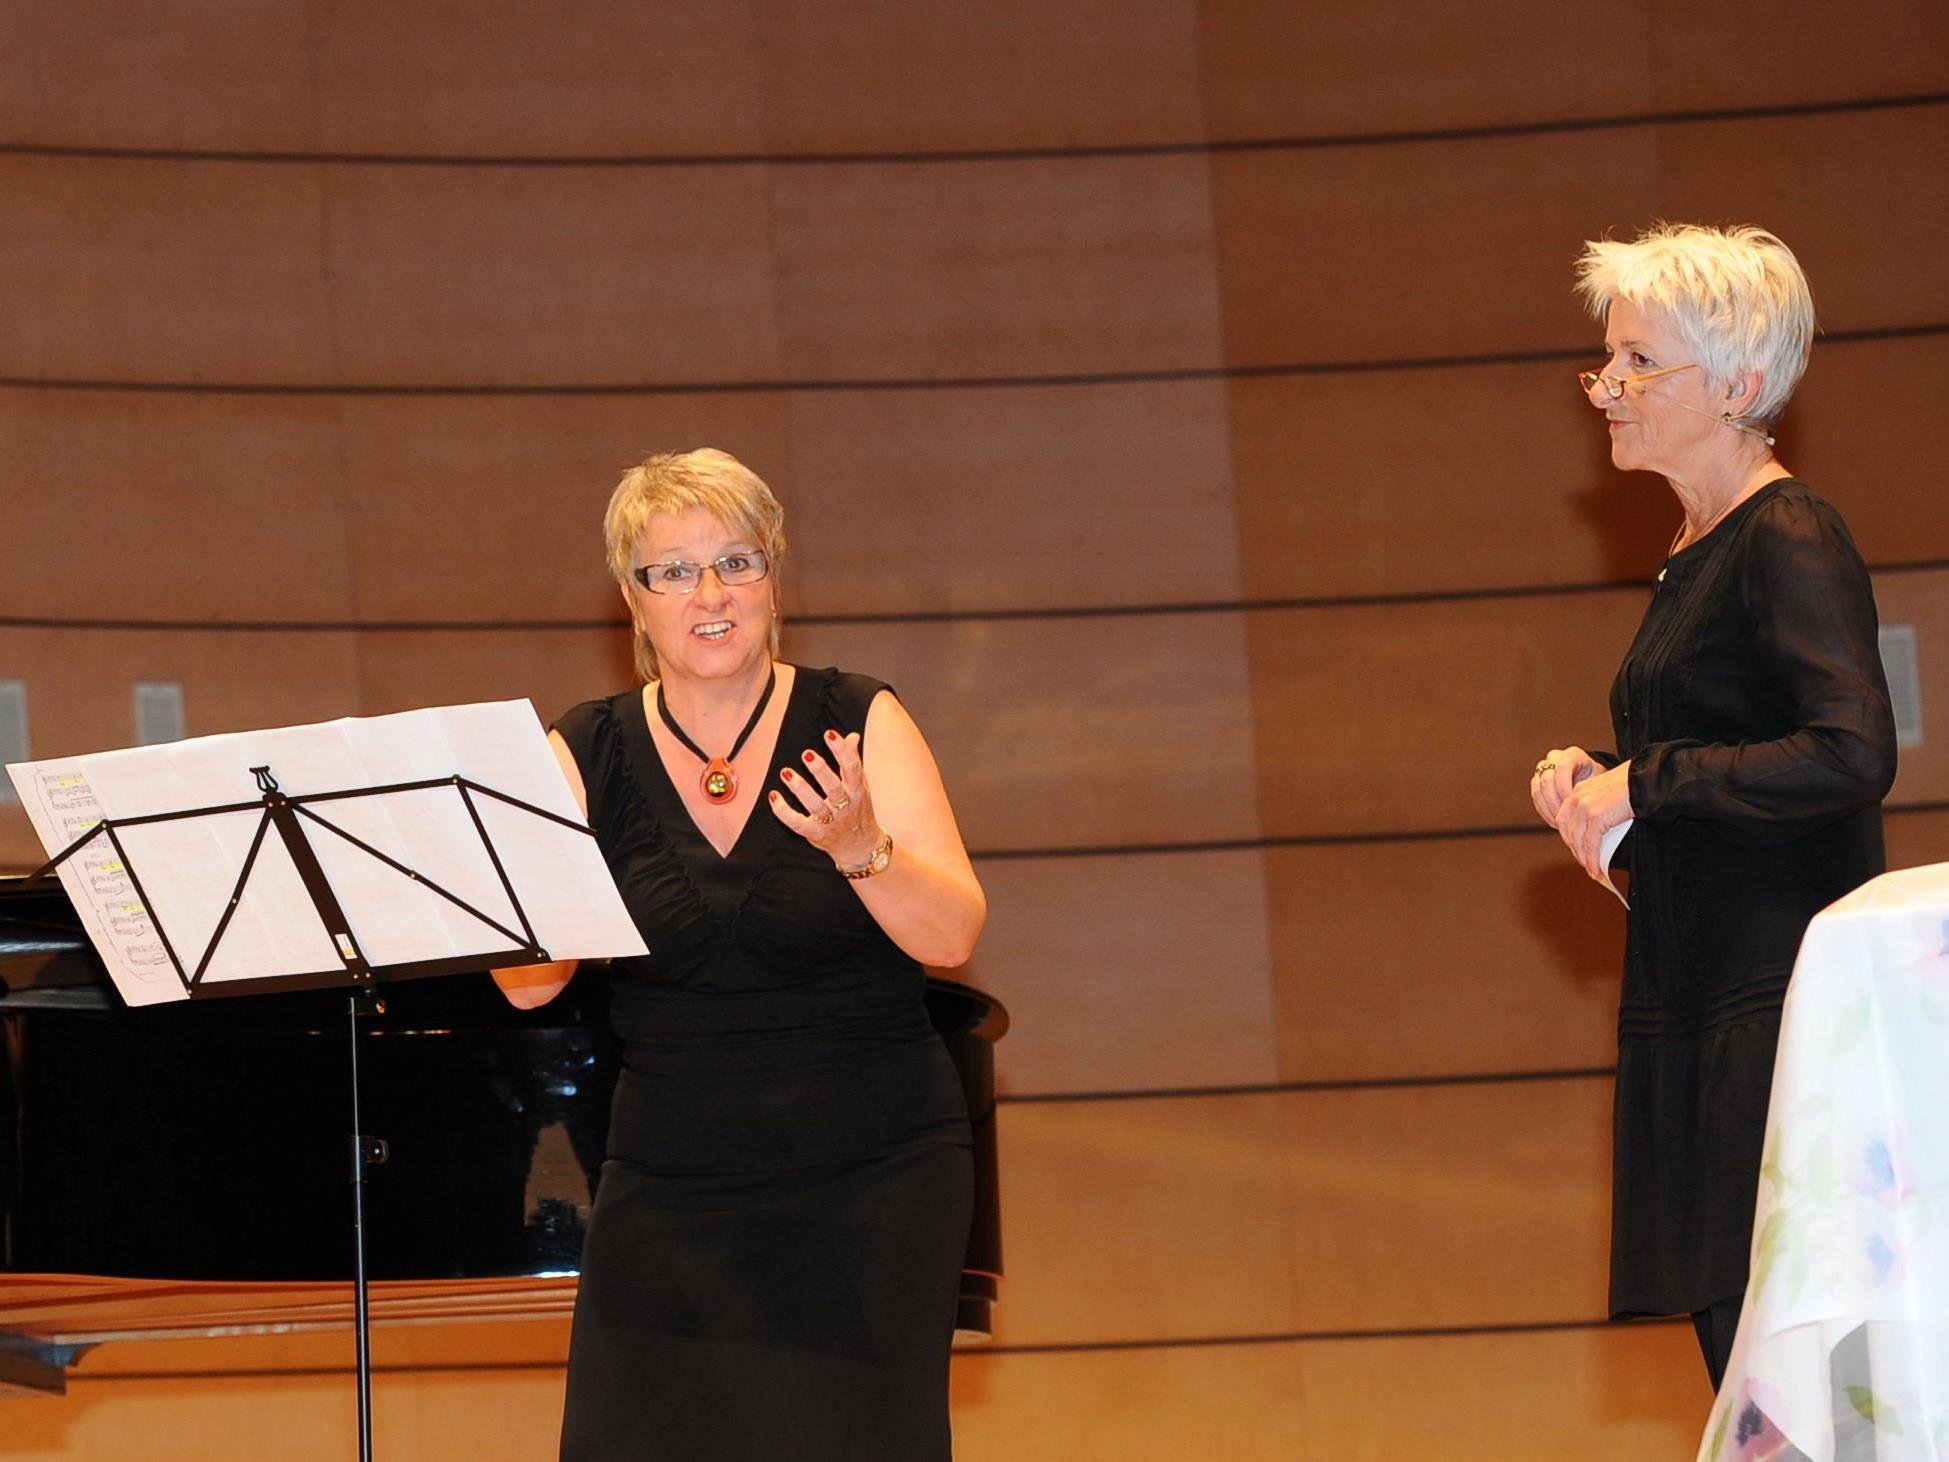 Gemeinsam mit Bernarda Gisinger (r.) gestaltet Aletha Prantl am Sonntag, den 6. Mai, einen Liederabend.